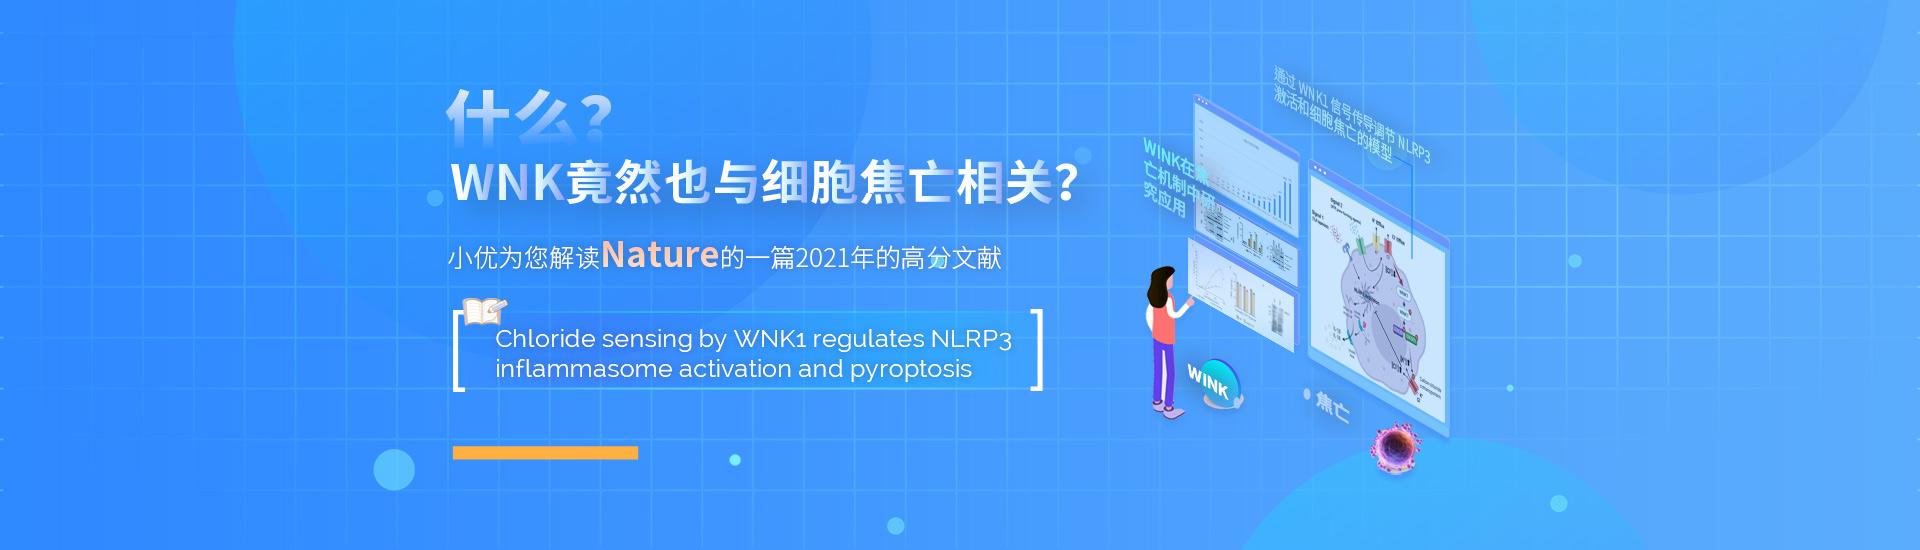 什么?WNK竟然也与细胞焦亡相关?